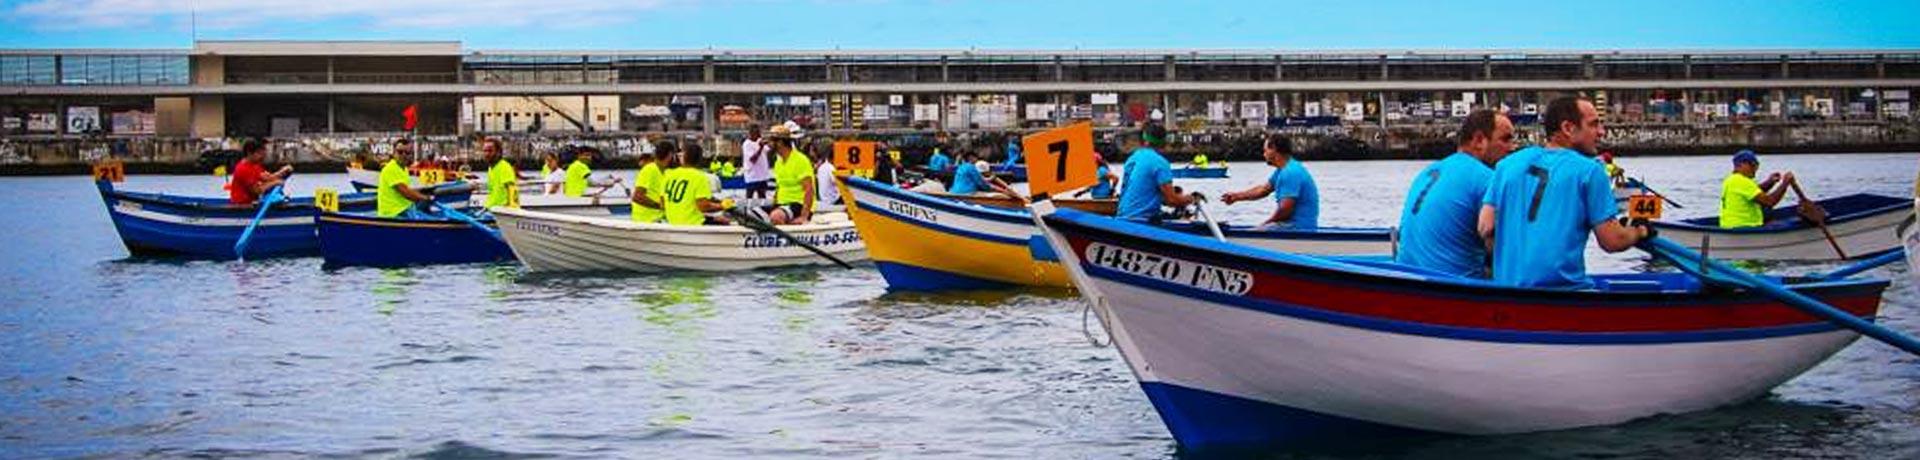 slider-canoas-tradicionais